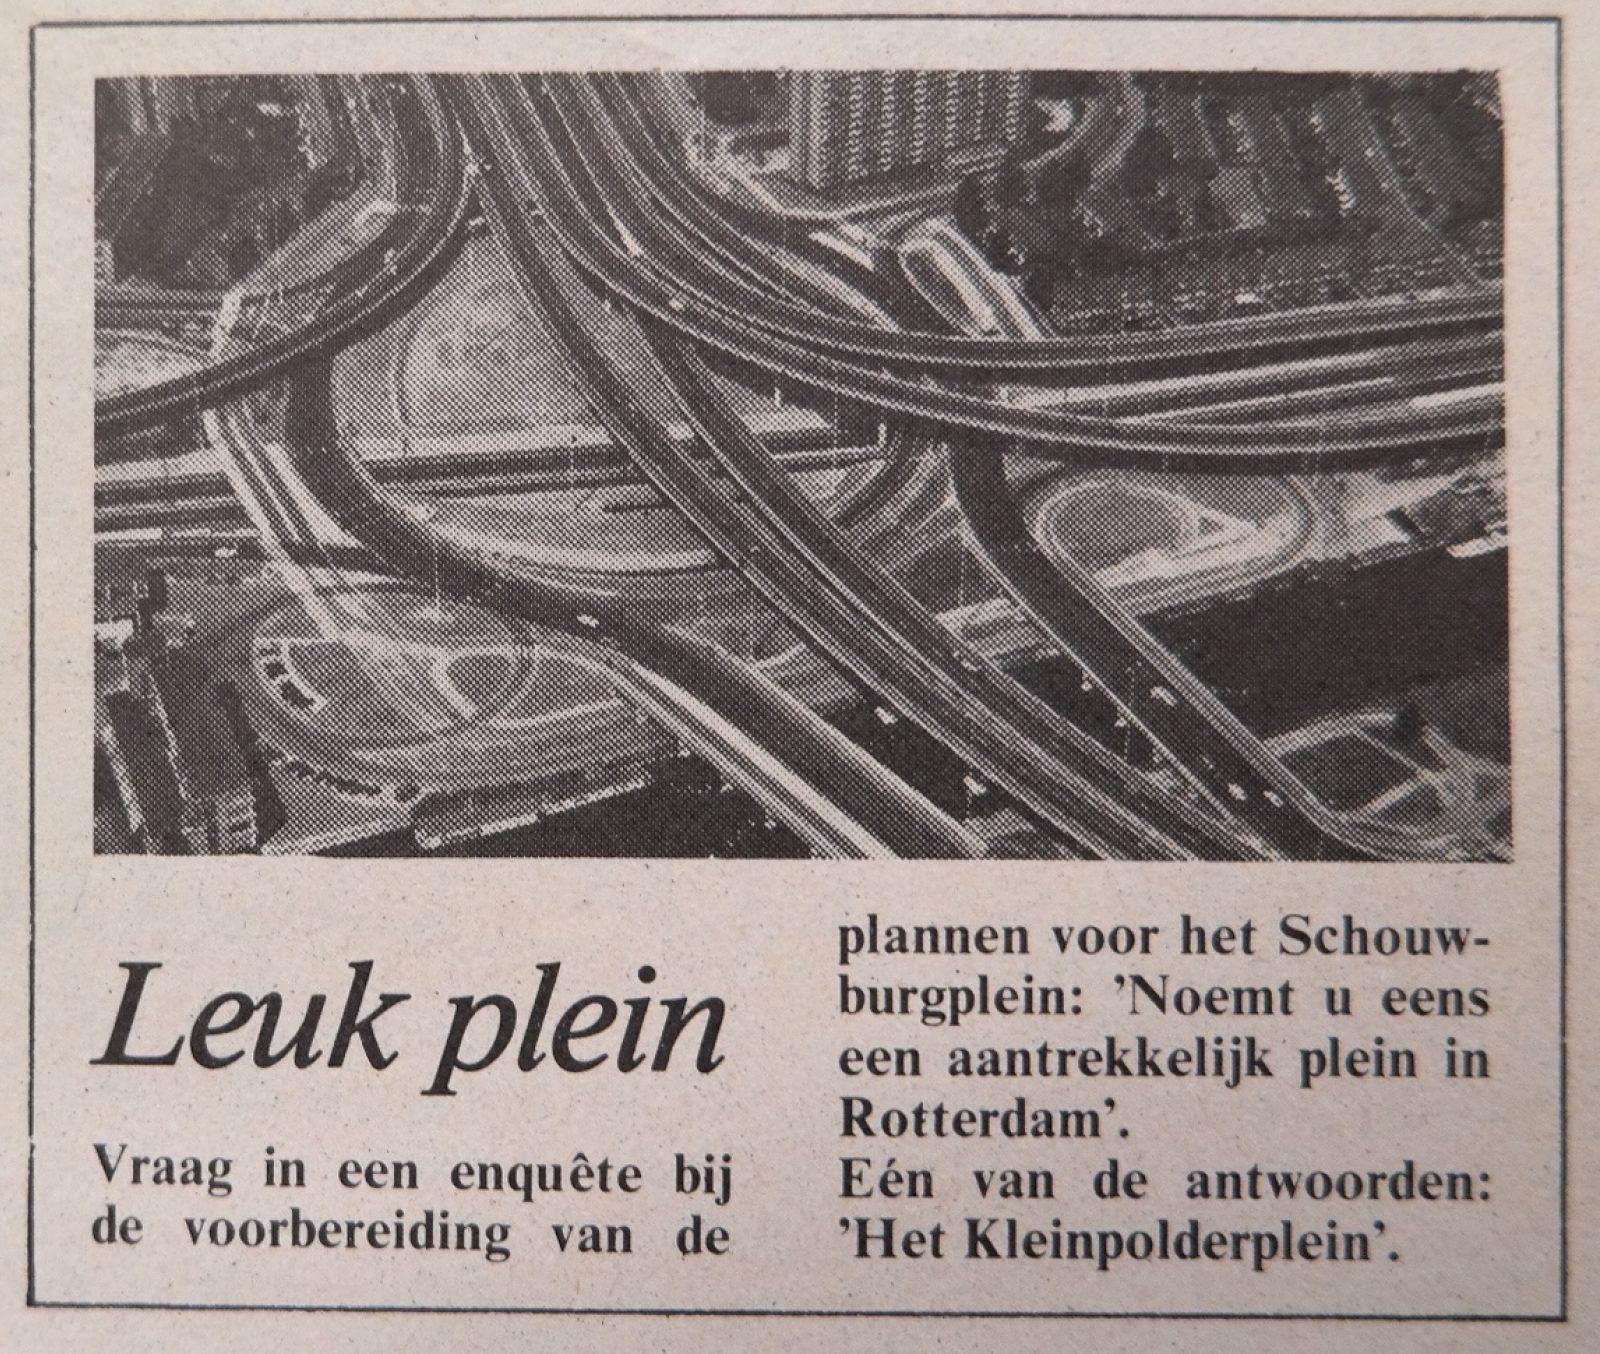 01 schouwburgplein 1977 Stadskrant 9 4 1977 kl